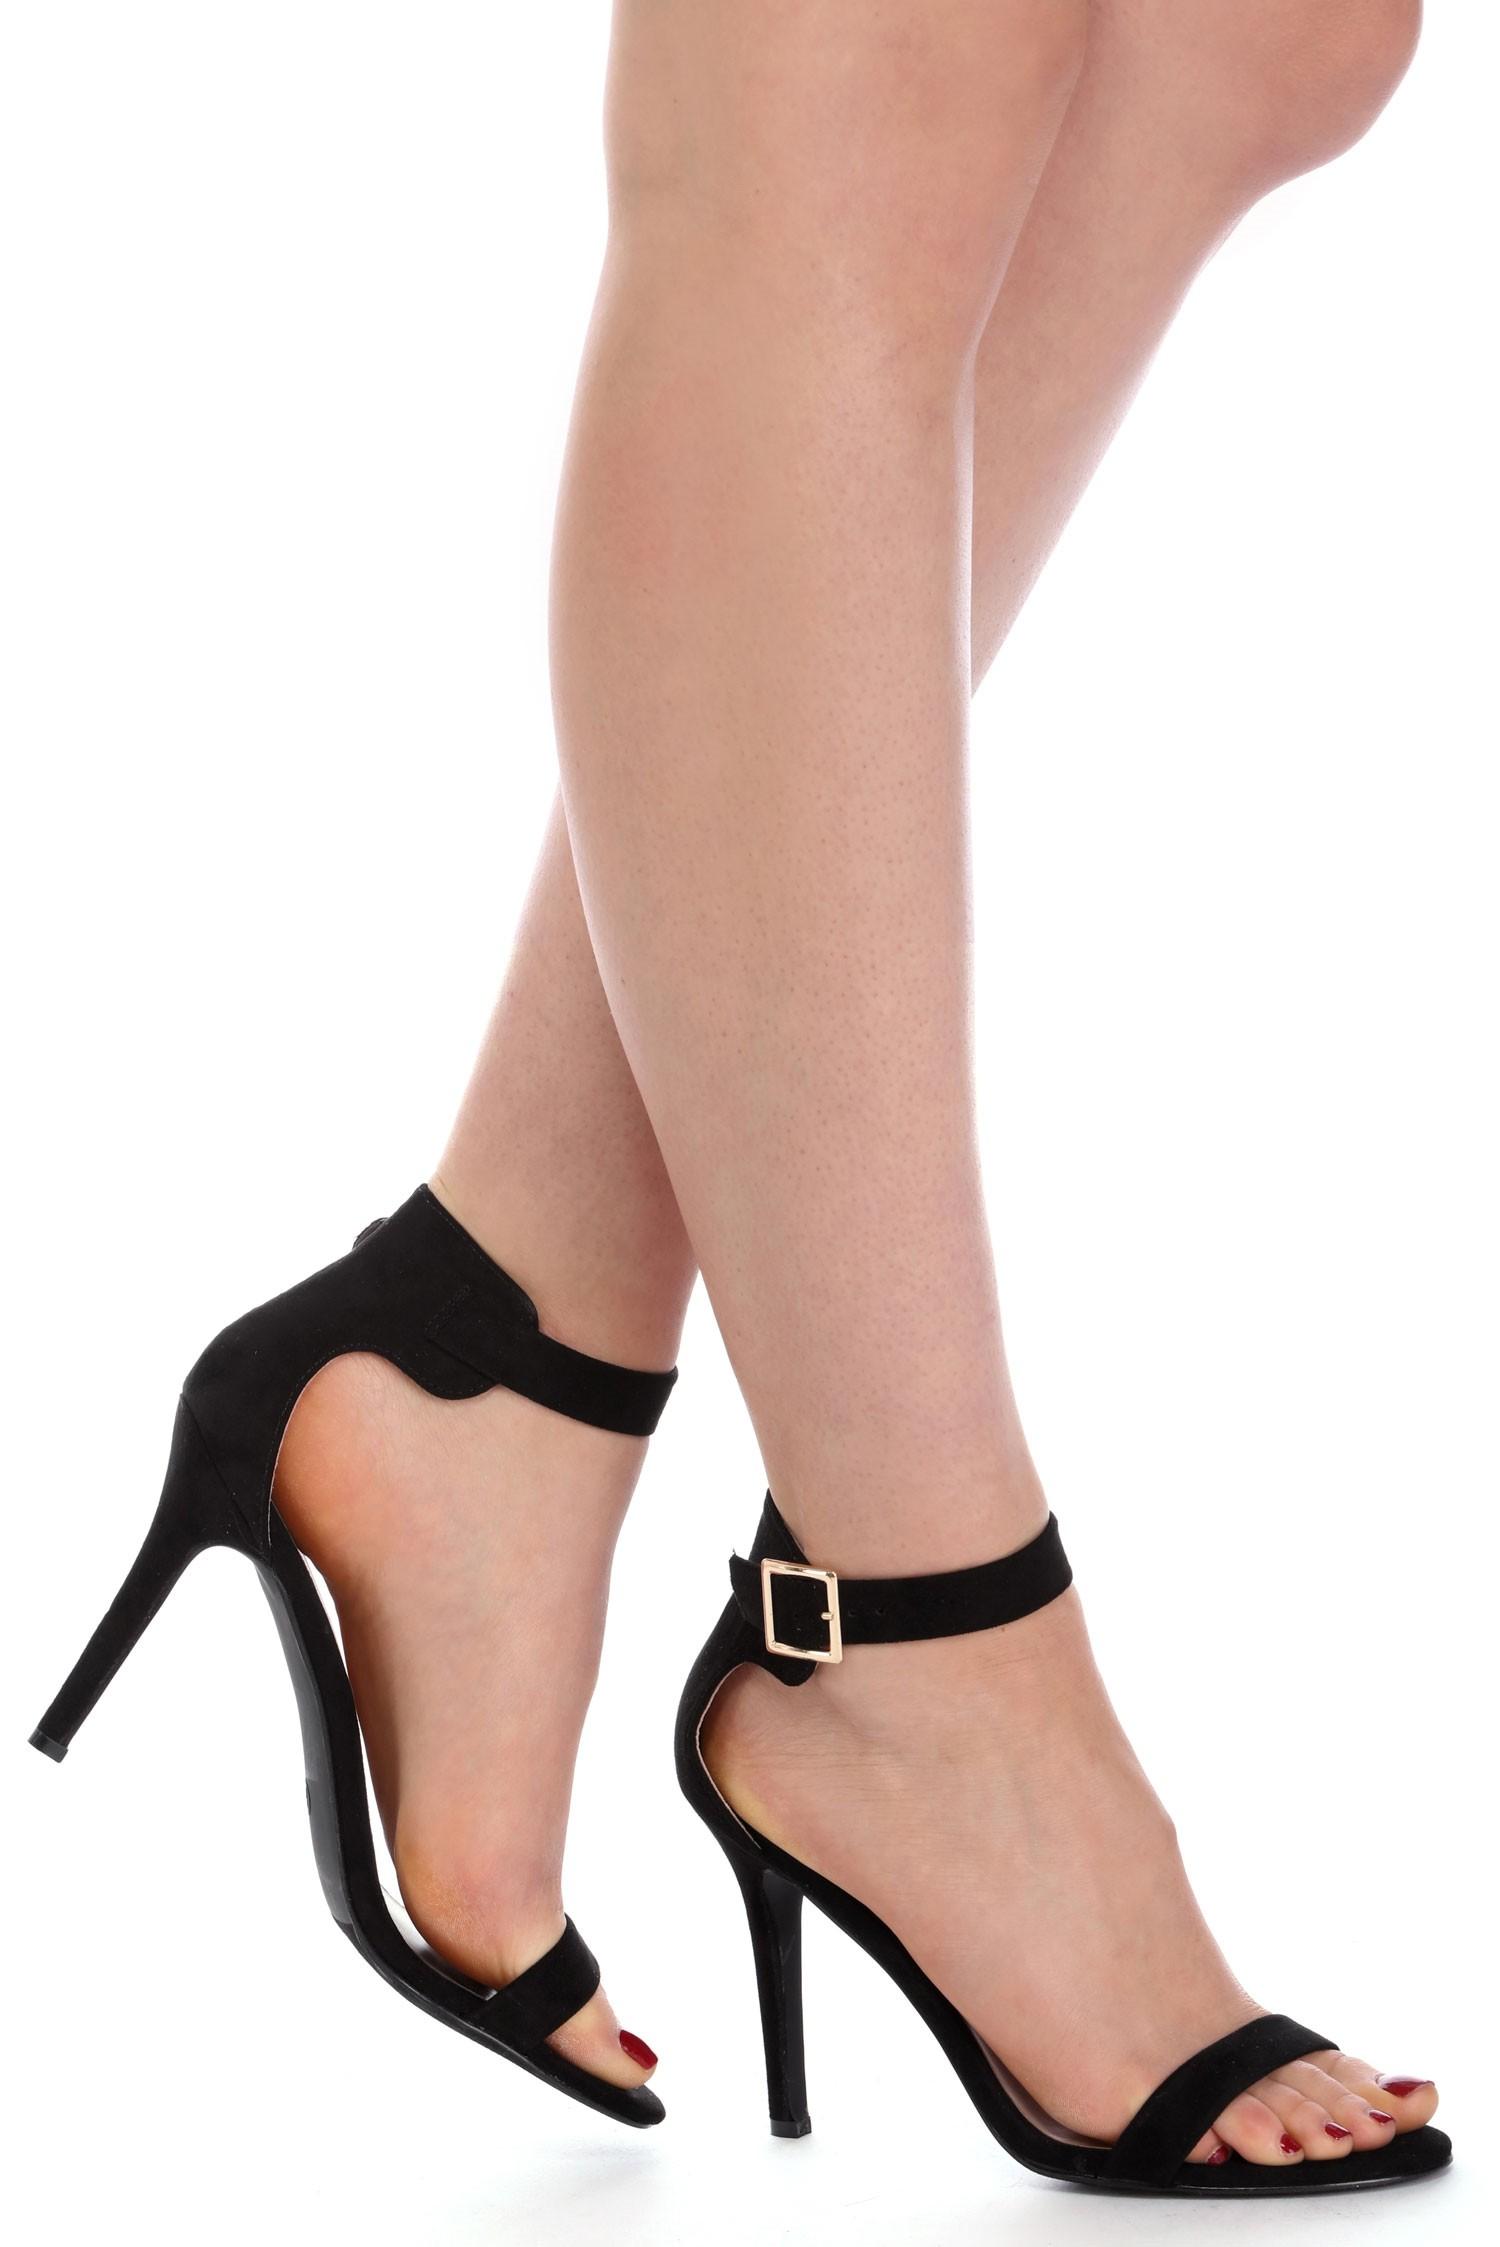 black heels final sale- black suede basic heels kngnygf